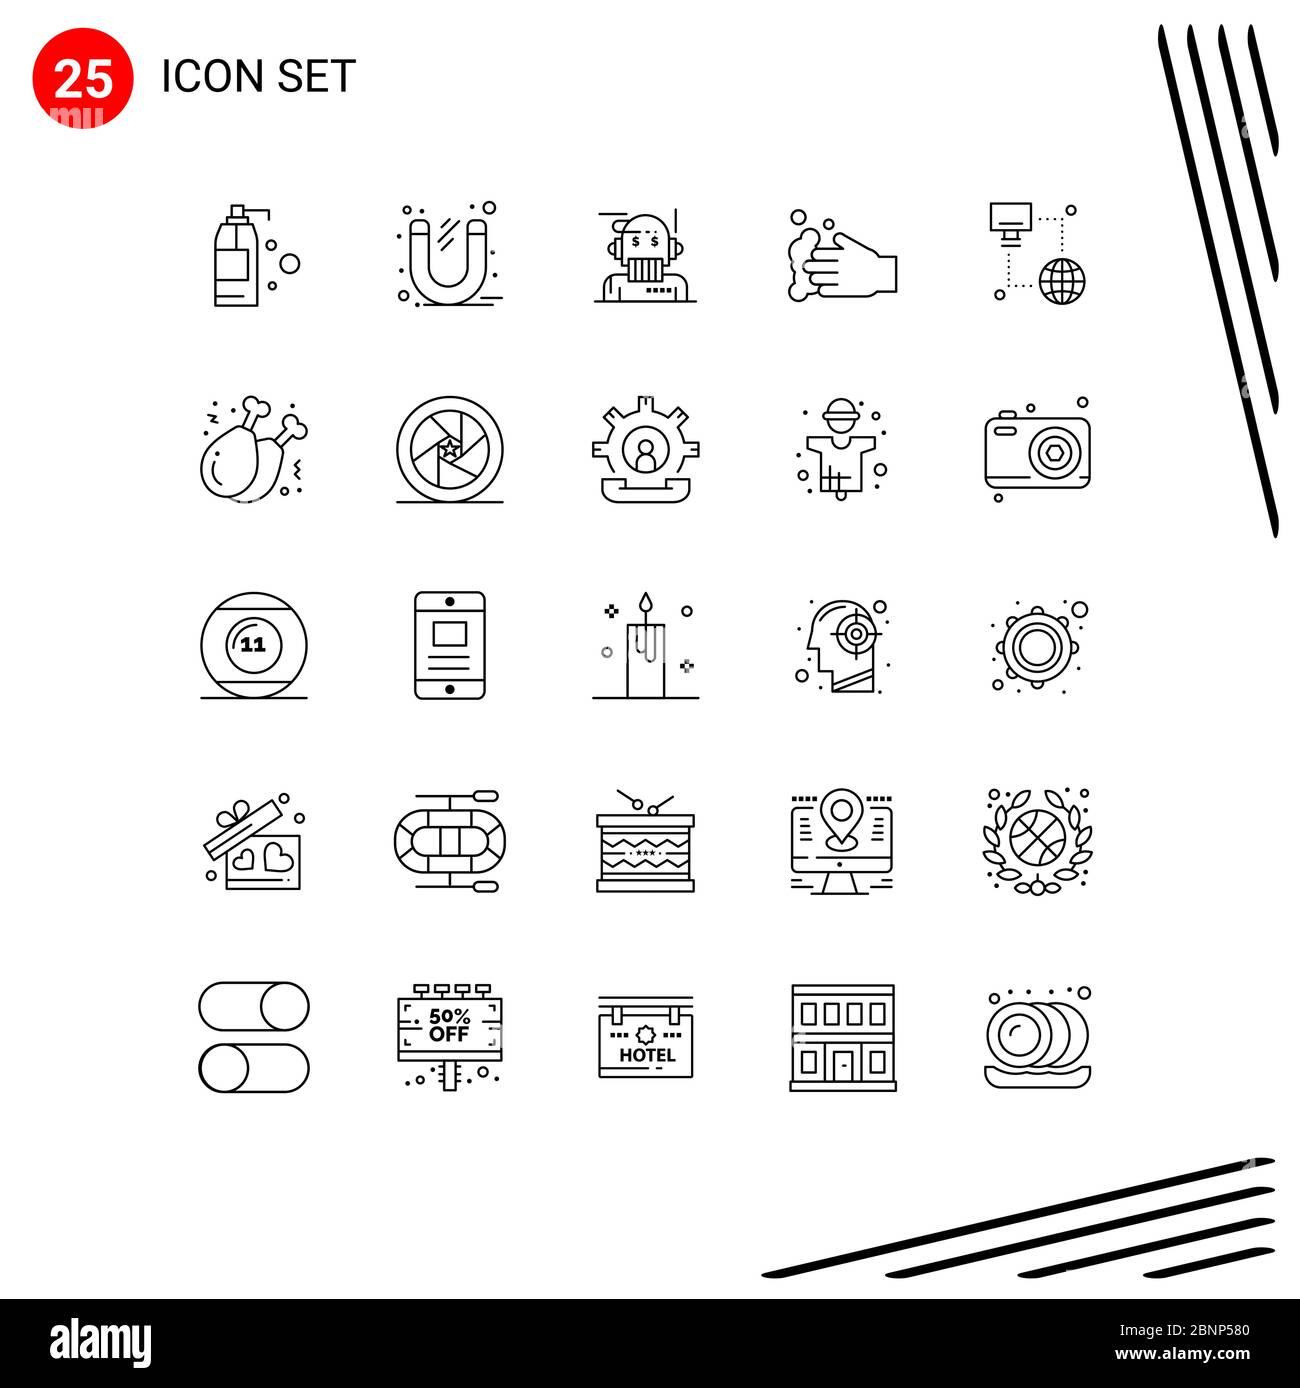 25 Linienkonzept für Websites Mobile und Apps Internet, Seife, Robo Advisor, Hand, Analyst editierbare Vektor Design-Elemente Stock Vektor